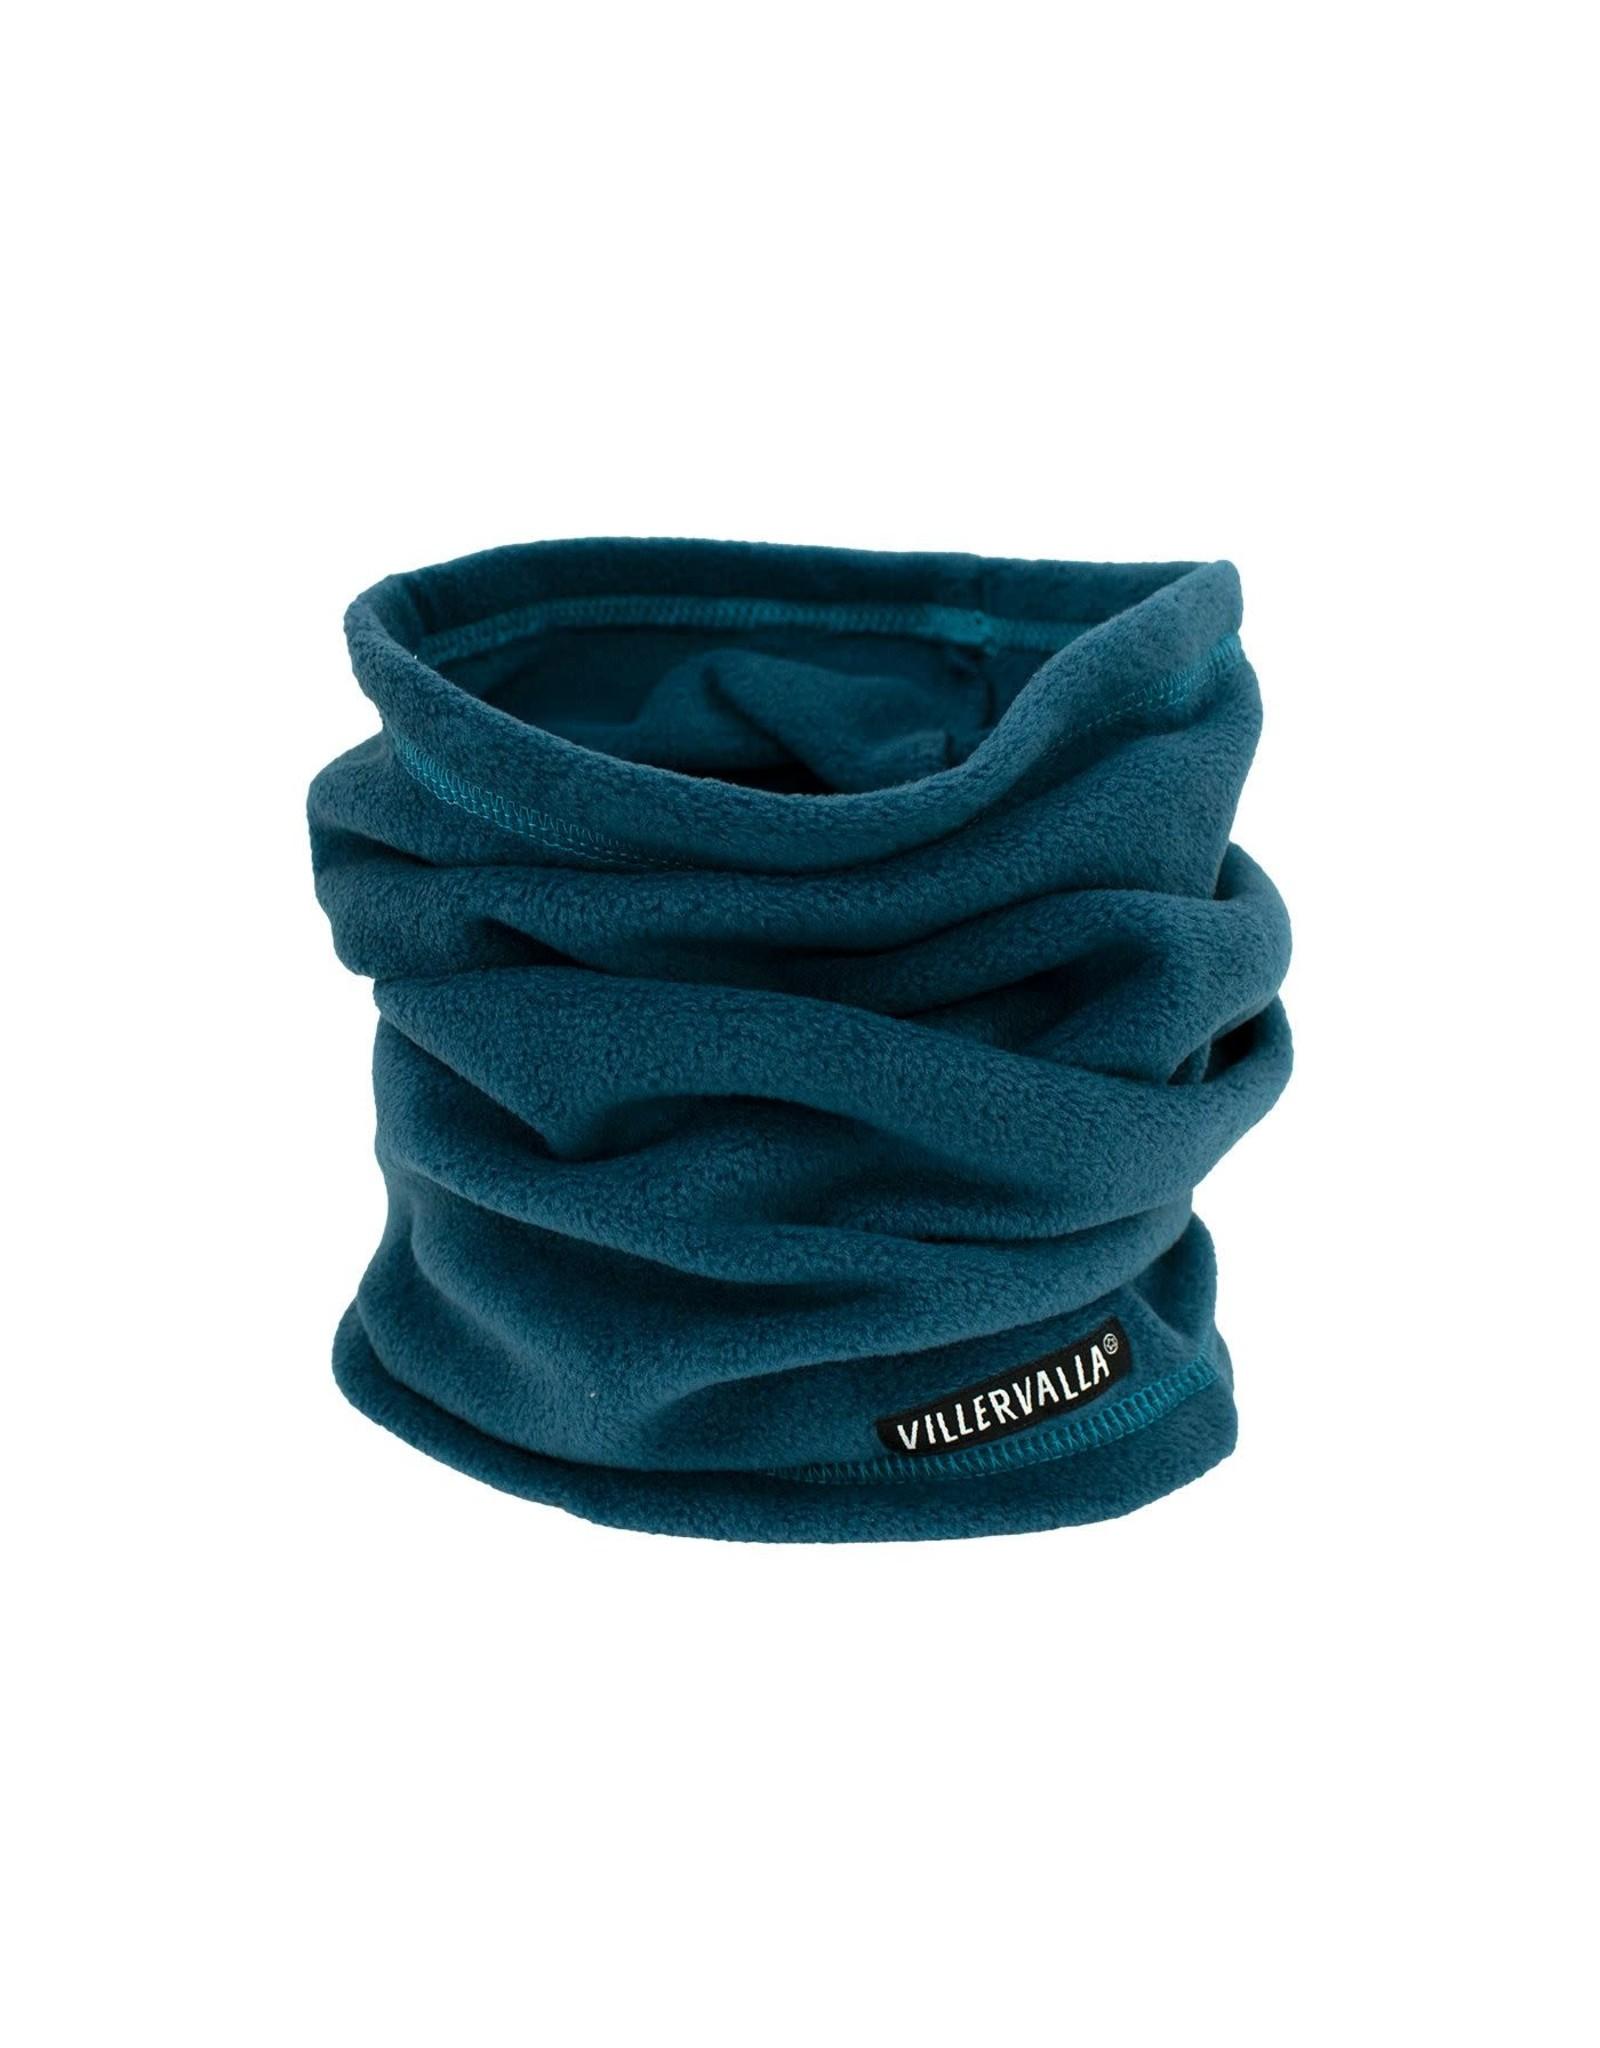 Villervalla Donkerblauwe fleece buff sjaal